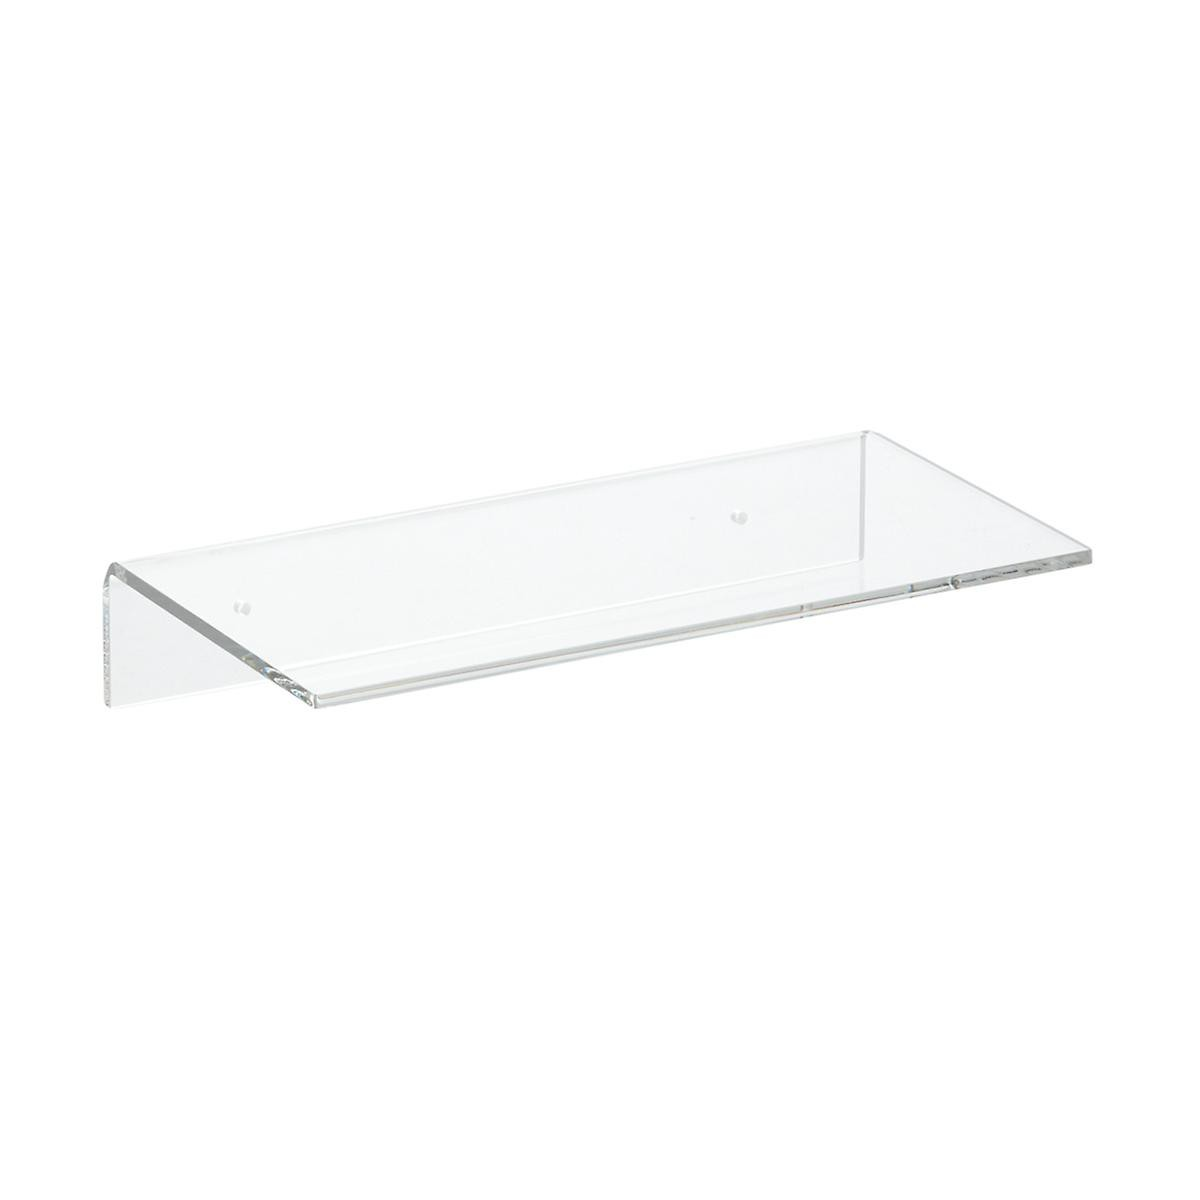 Prateleira de Acrilico Transparente Tamanho 30cm x 15cm